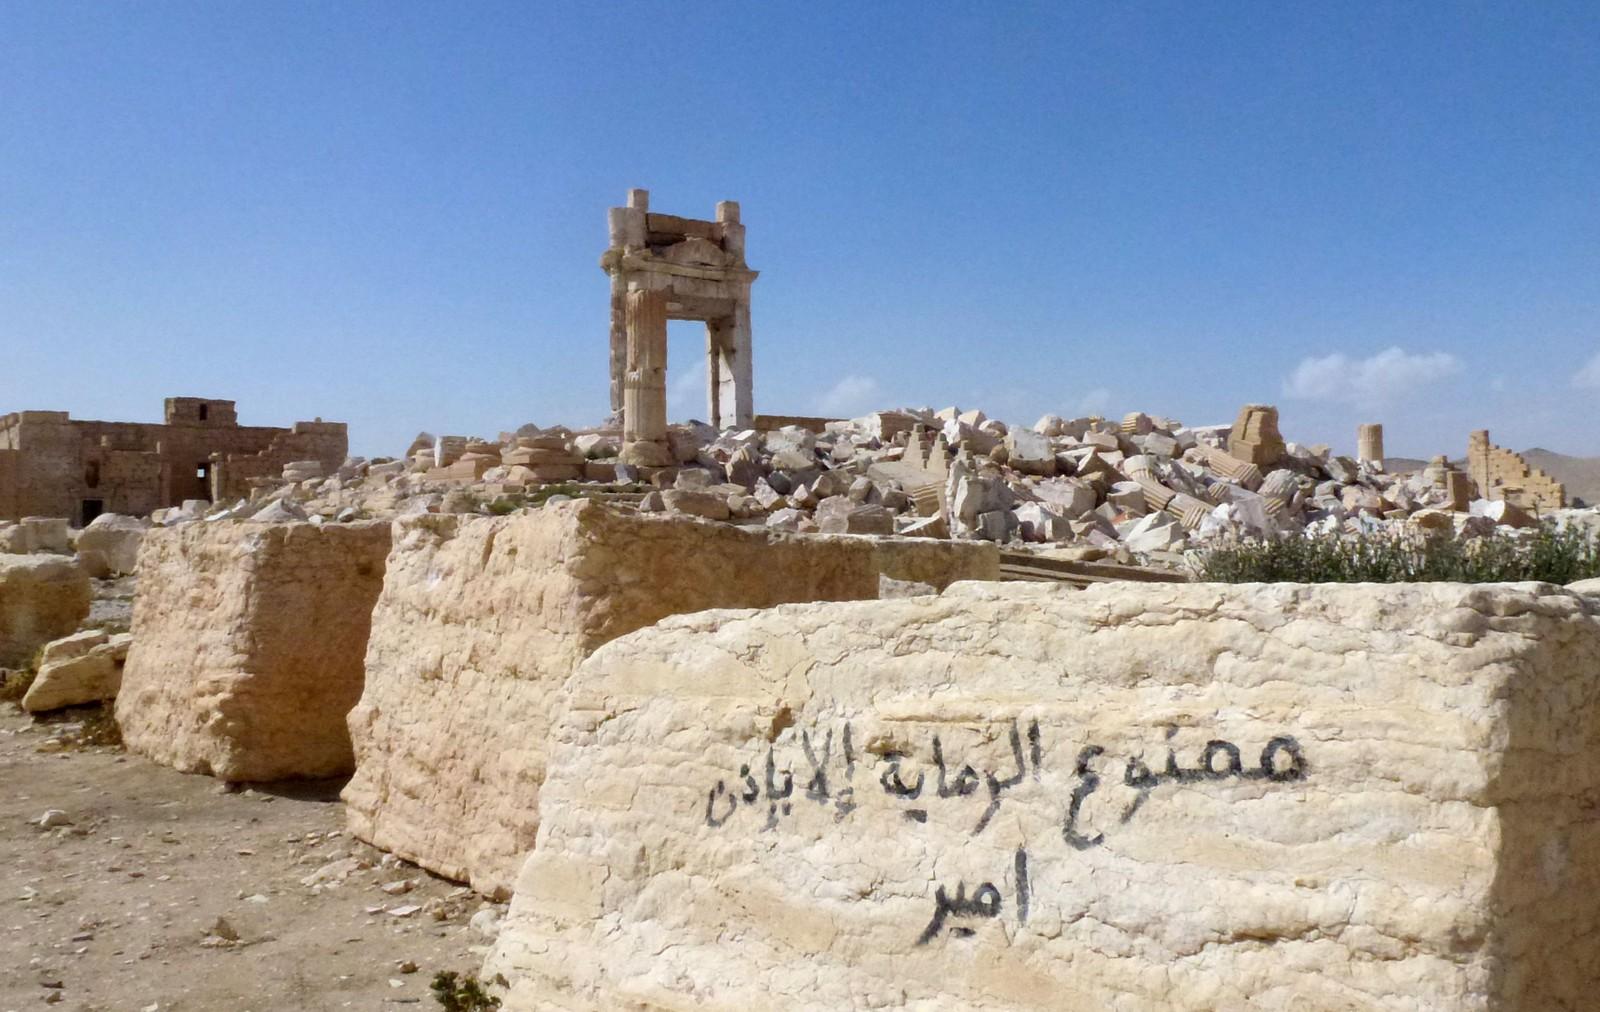 President Bashar al - Assad hyllet seieren som en viktig presentasjon etter at IS tapte kampene i Palmyra. Men selv om byen er under syrisk kontroll, er ødeleggelsene av uerstattelige fortidsminner en realitet.